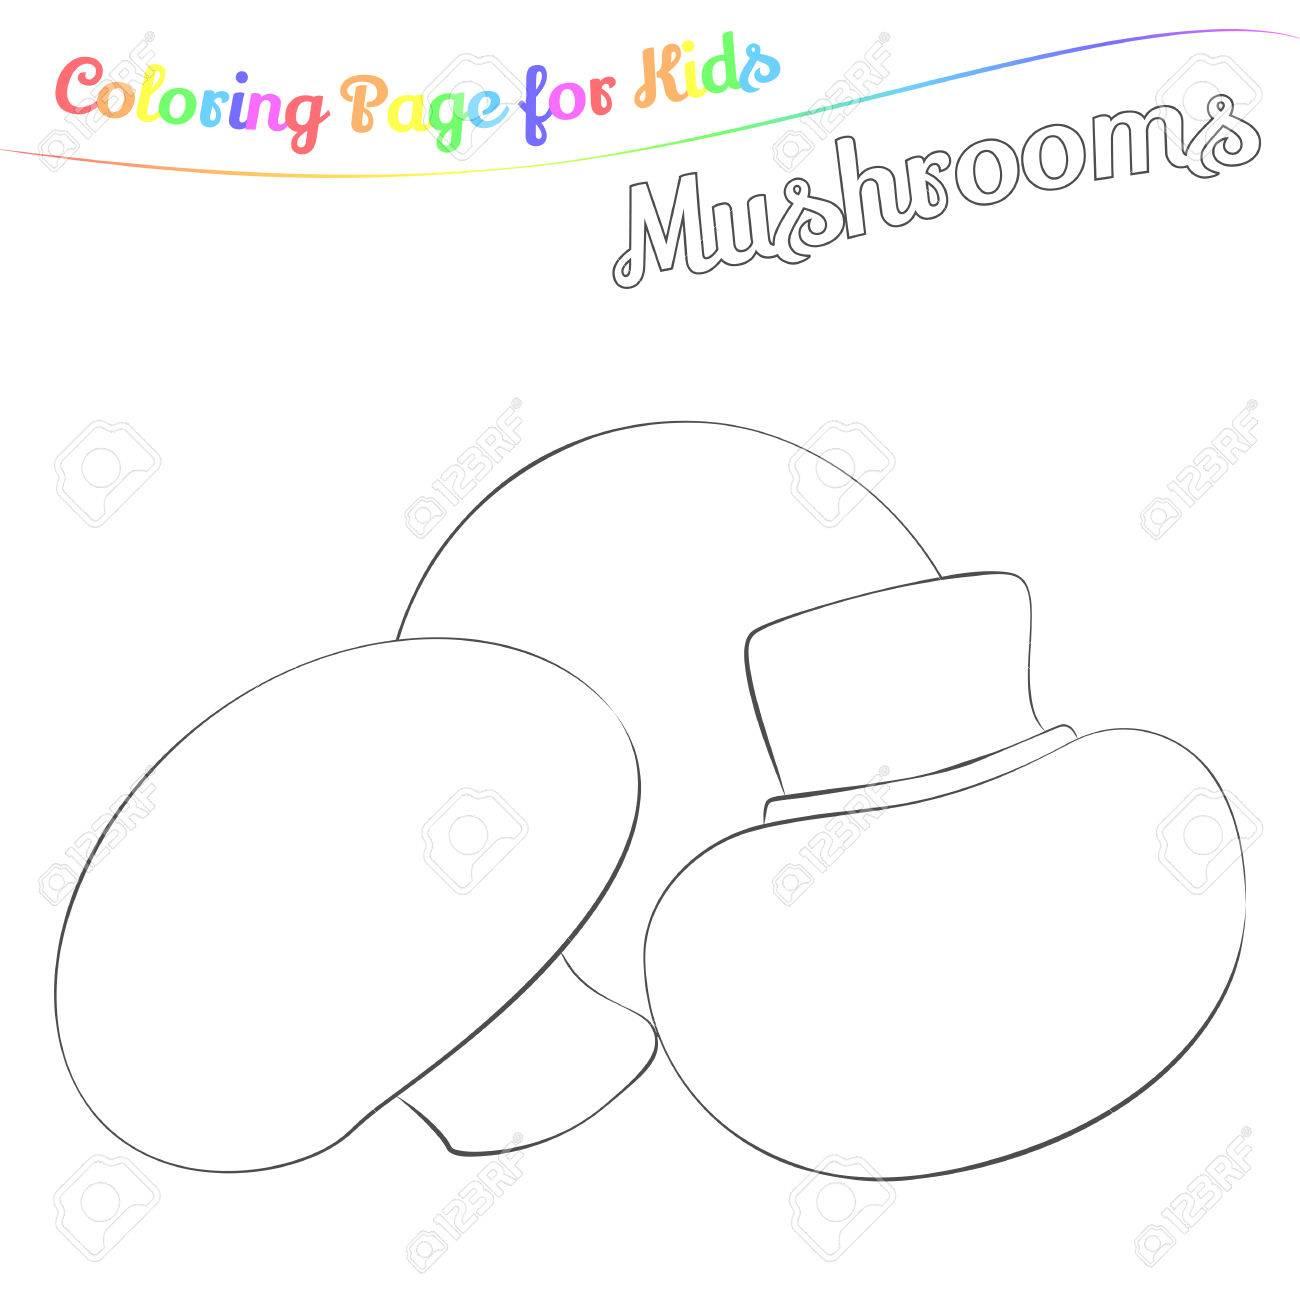 Champignons Delicieux Pour La Coloration Style De Dessin Anime Simple Page Pour L Art Livre De Coloriage Pour Les Enfants Illustration Vectorielle